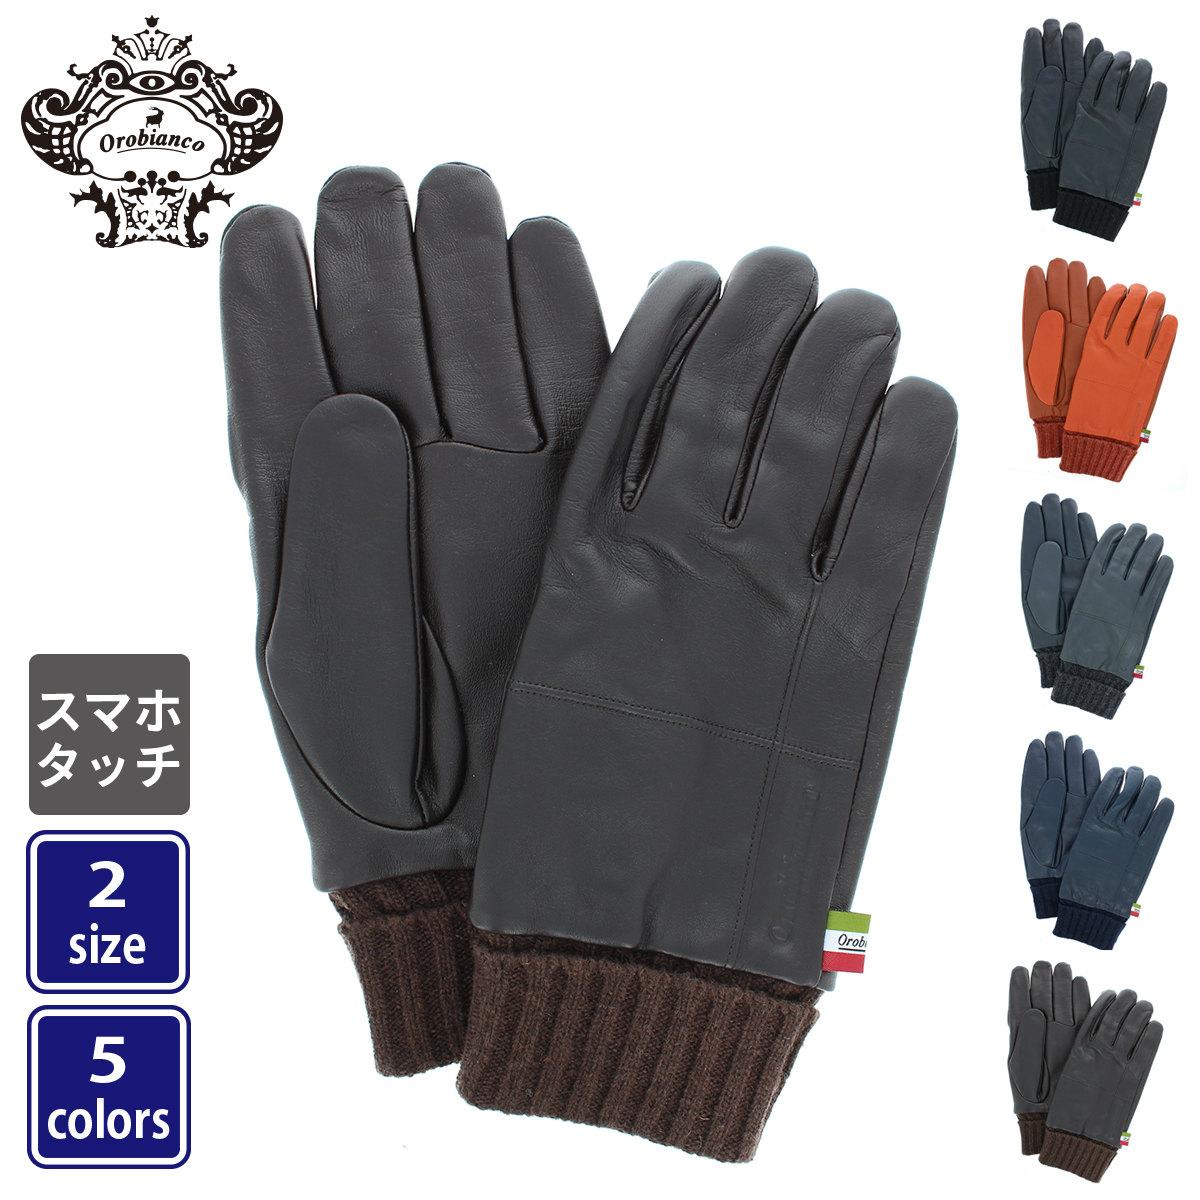 オロビアンコ メンズ 羊革 ニットリブ編みカフス タッチパネル対応 レザー手袋